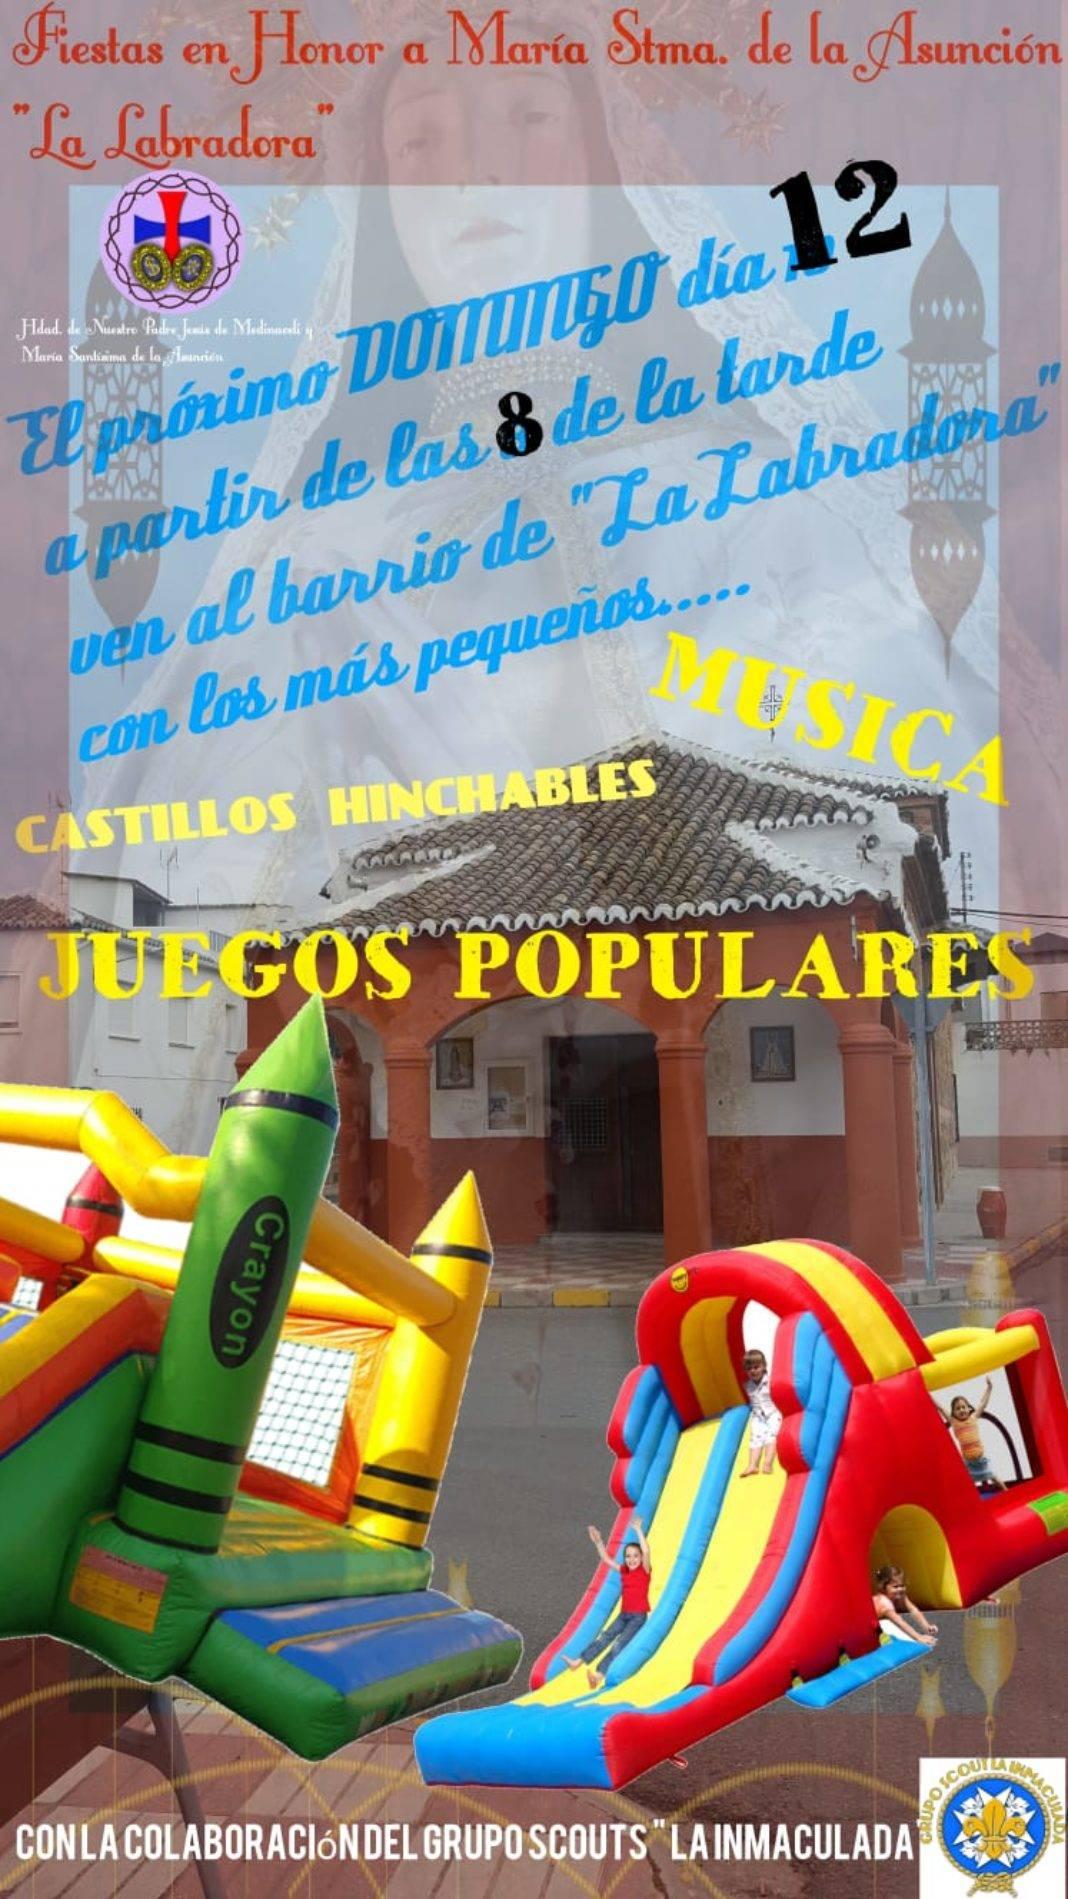 Unknown 1068x1899 - Música, juegos populares e hinchables en el barrio de La Labradora